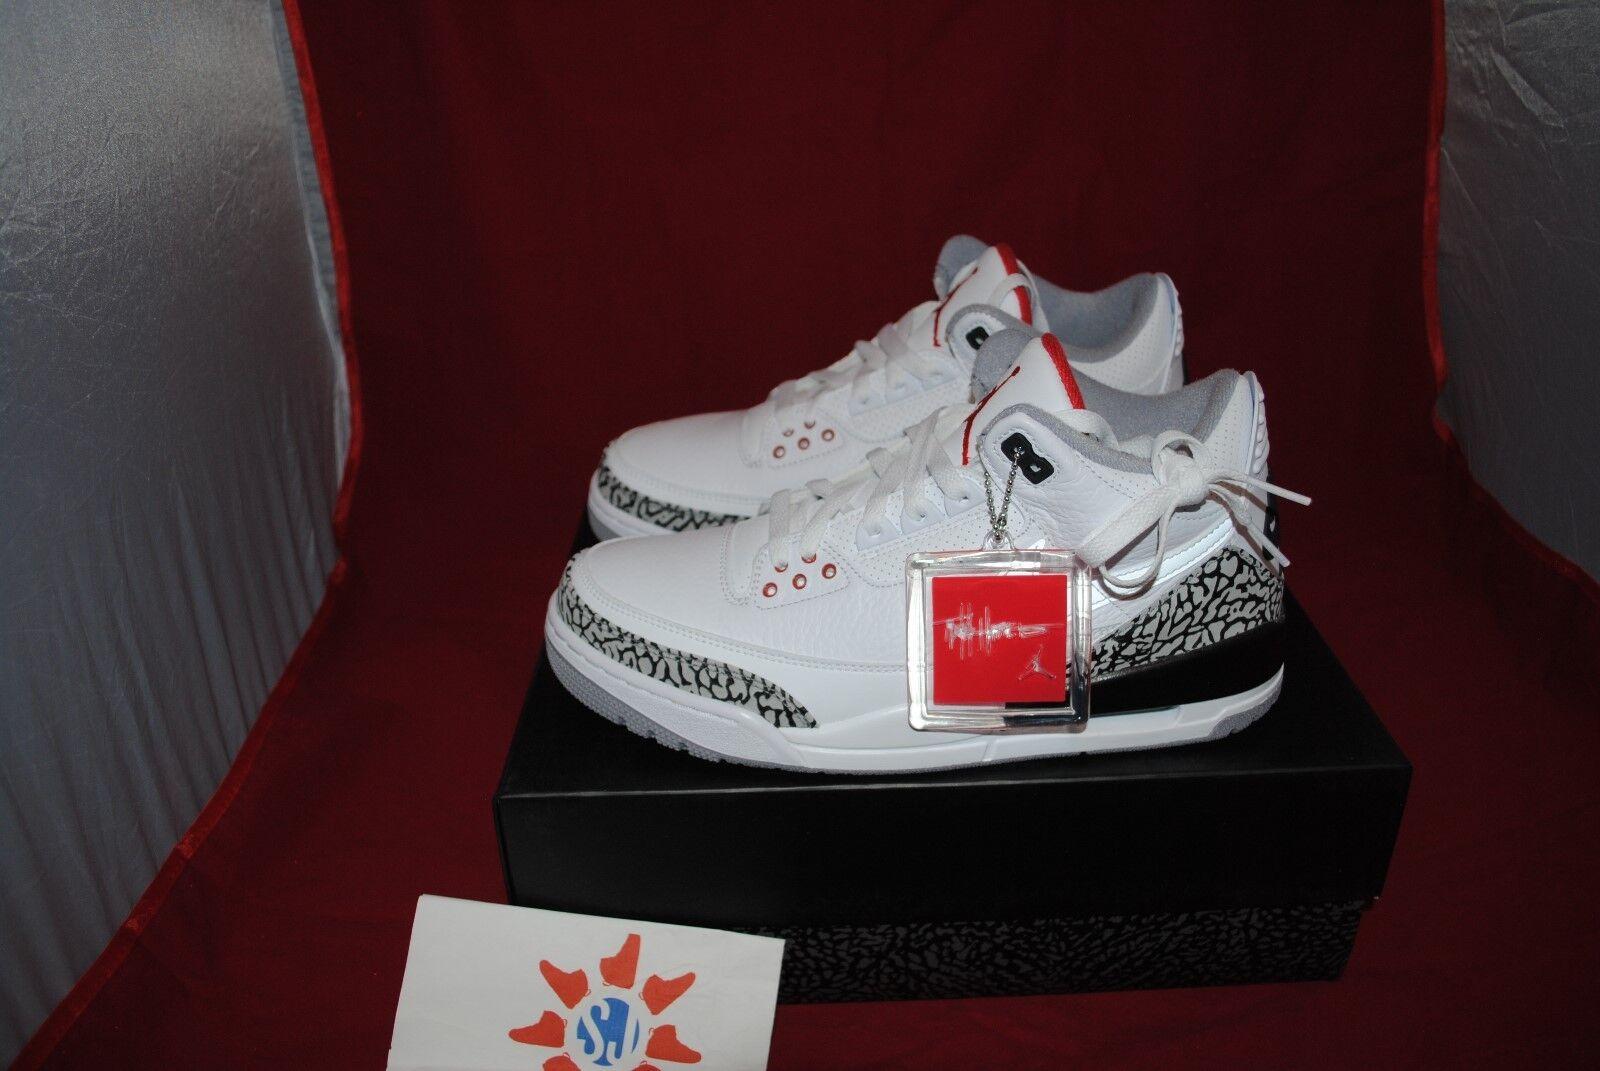 c9c8eb9716c Nike Air Jordan 3 JTH Super Bowl Justin - Size 8-13 Tinker Timberlake  nxtjxy1932-Athletic Shoes